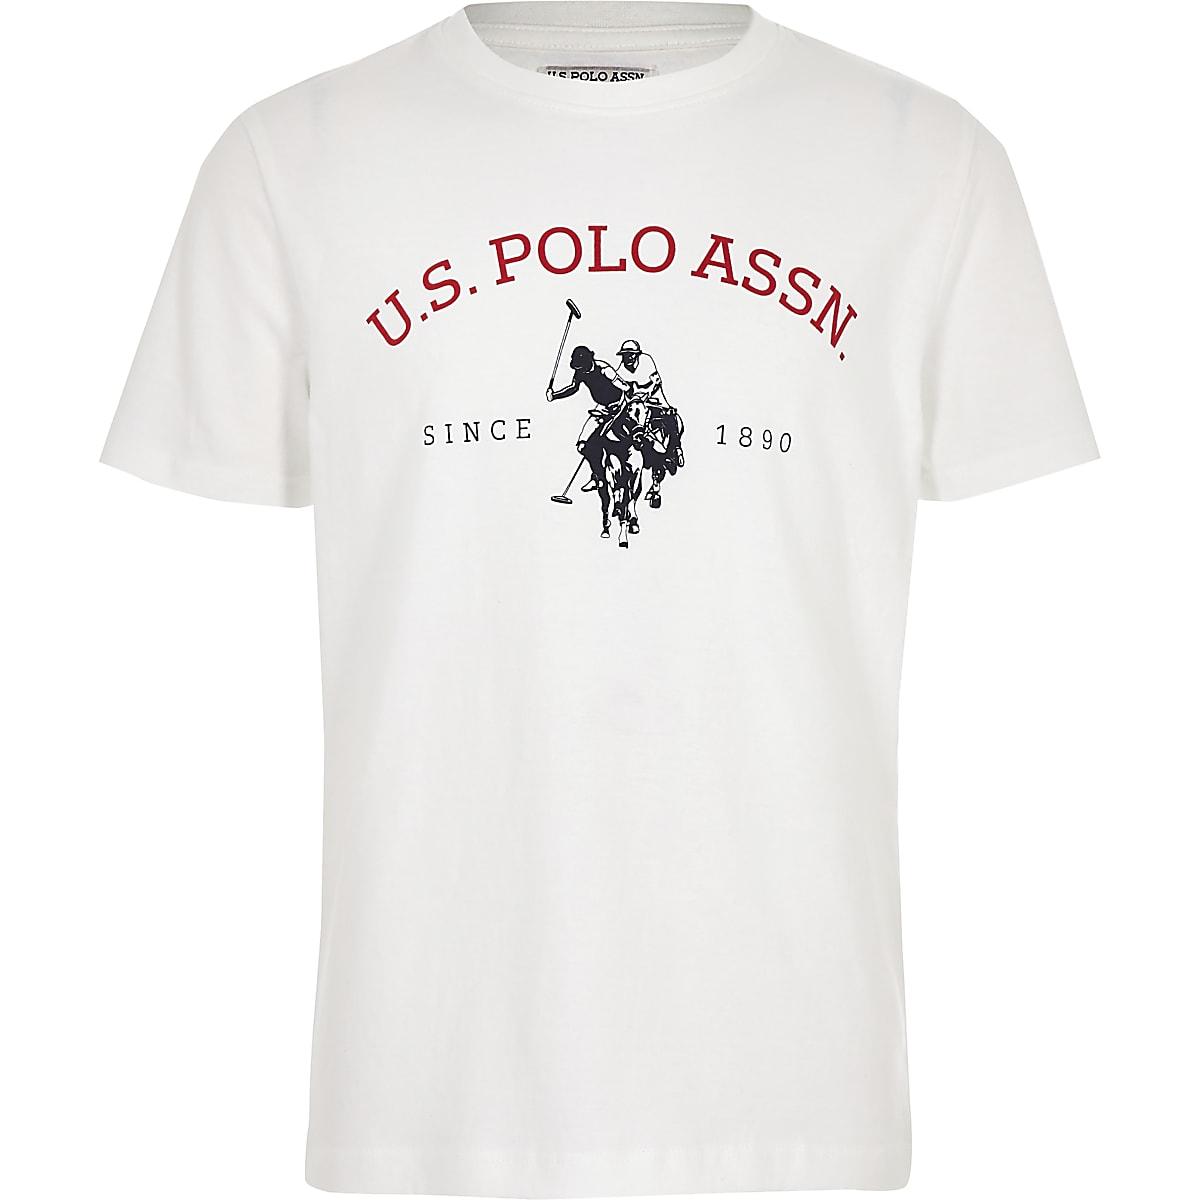 Boys white U.S. Polo Assn. logo T-shirt